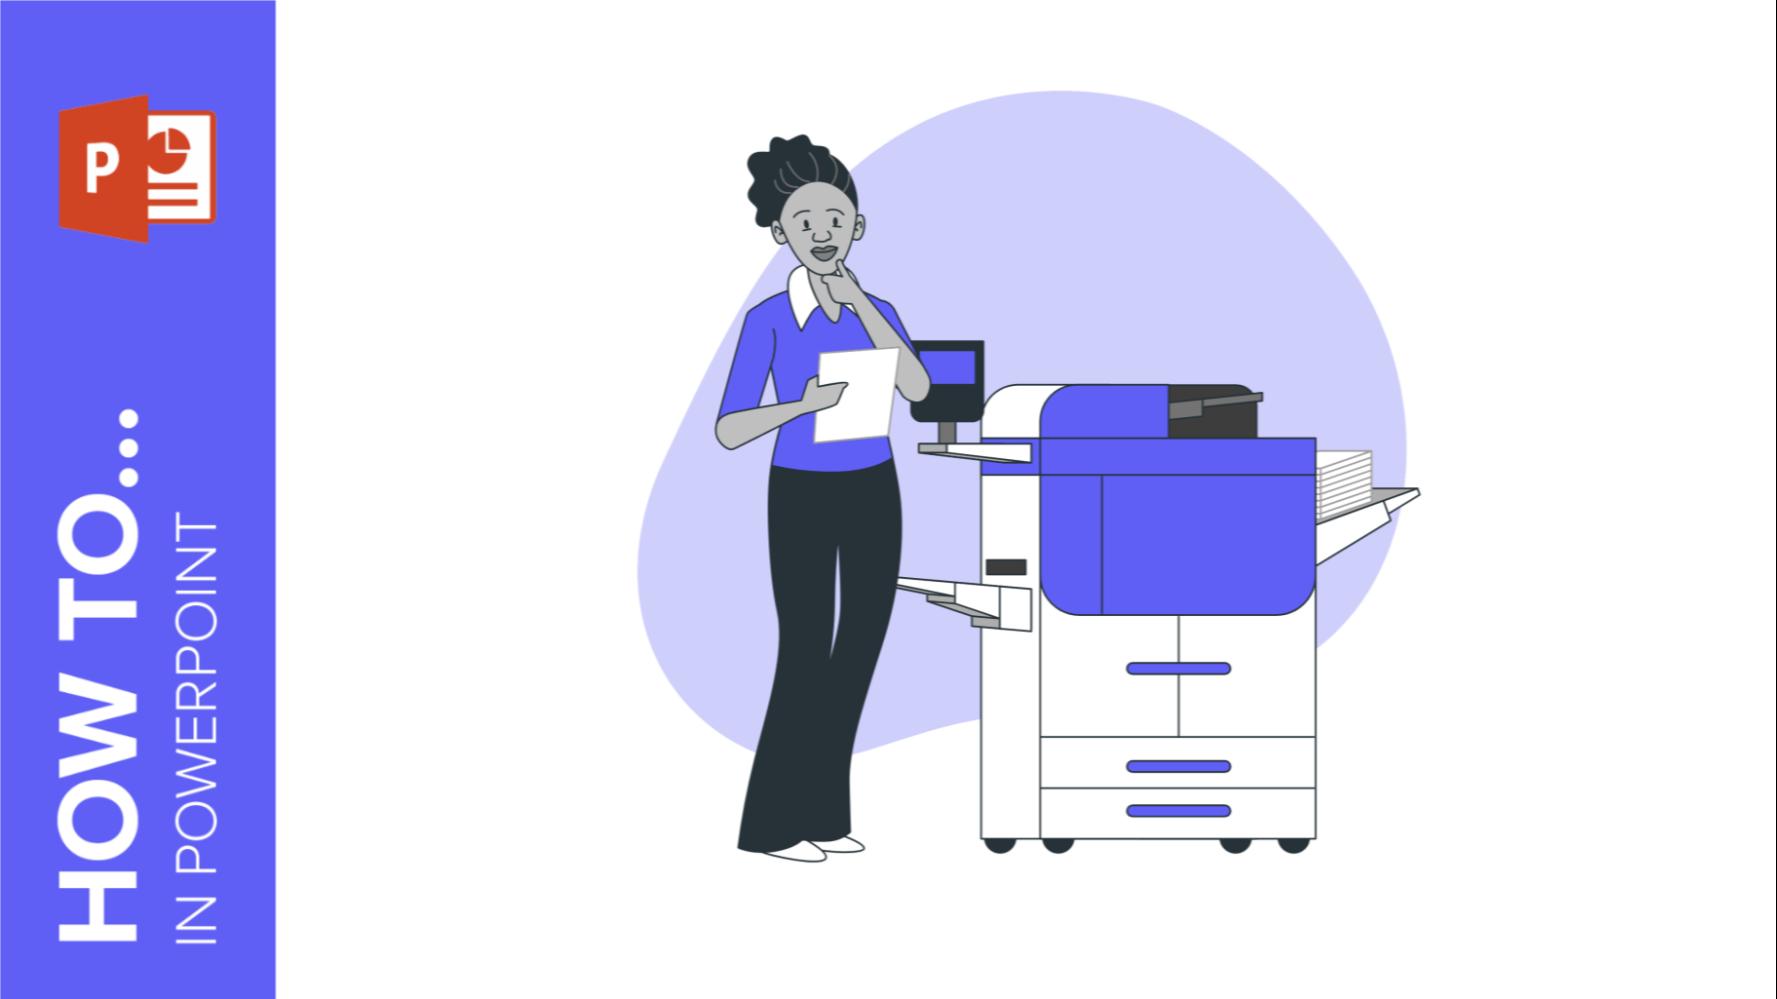 How to Print Presentations in PowerPoint | Tutoriels et conseils pour vos présentations